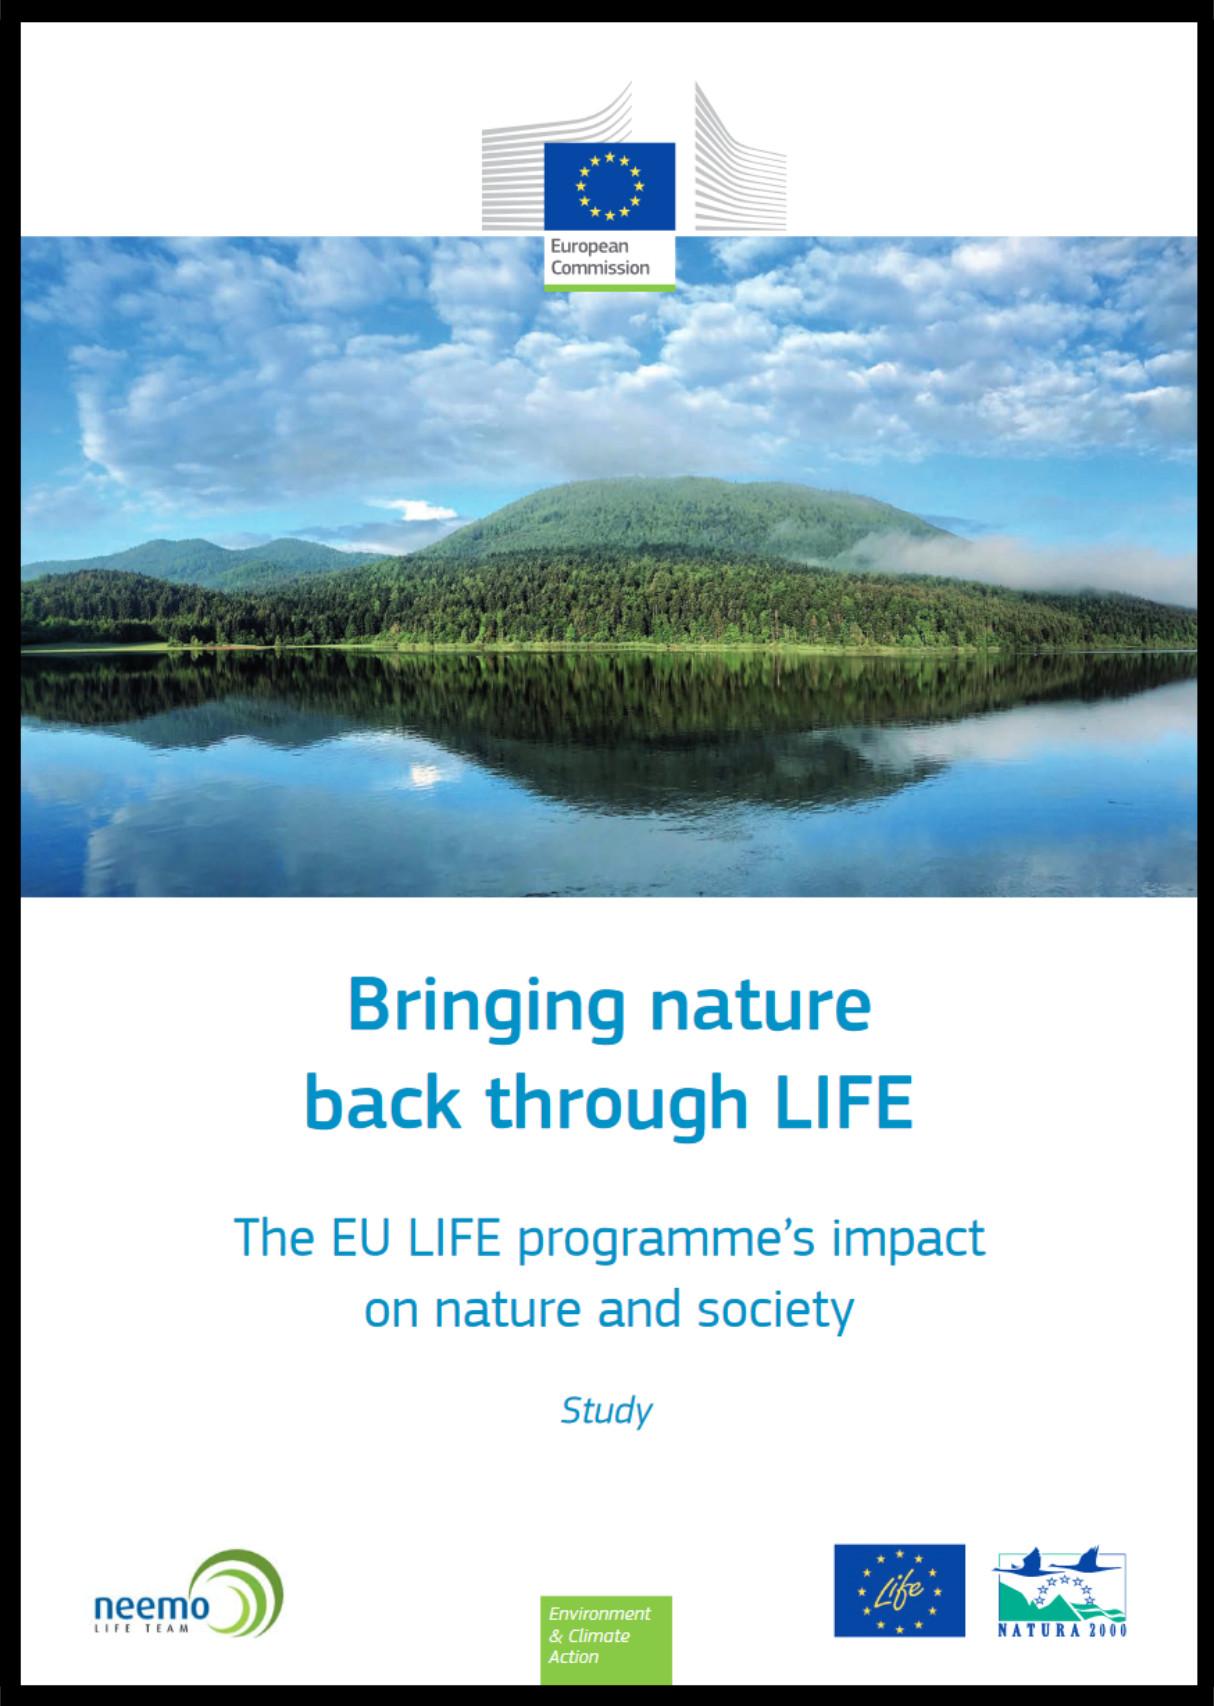 Obálka publikované studie Bringing nature back through LIFE